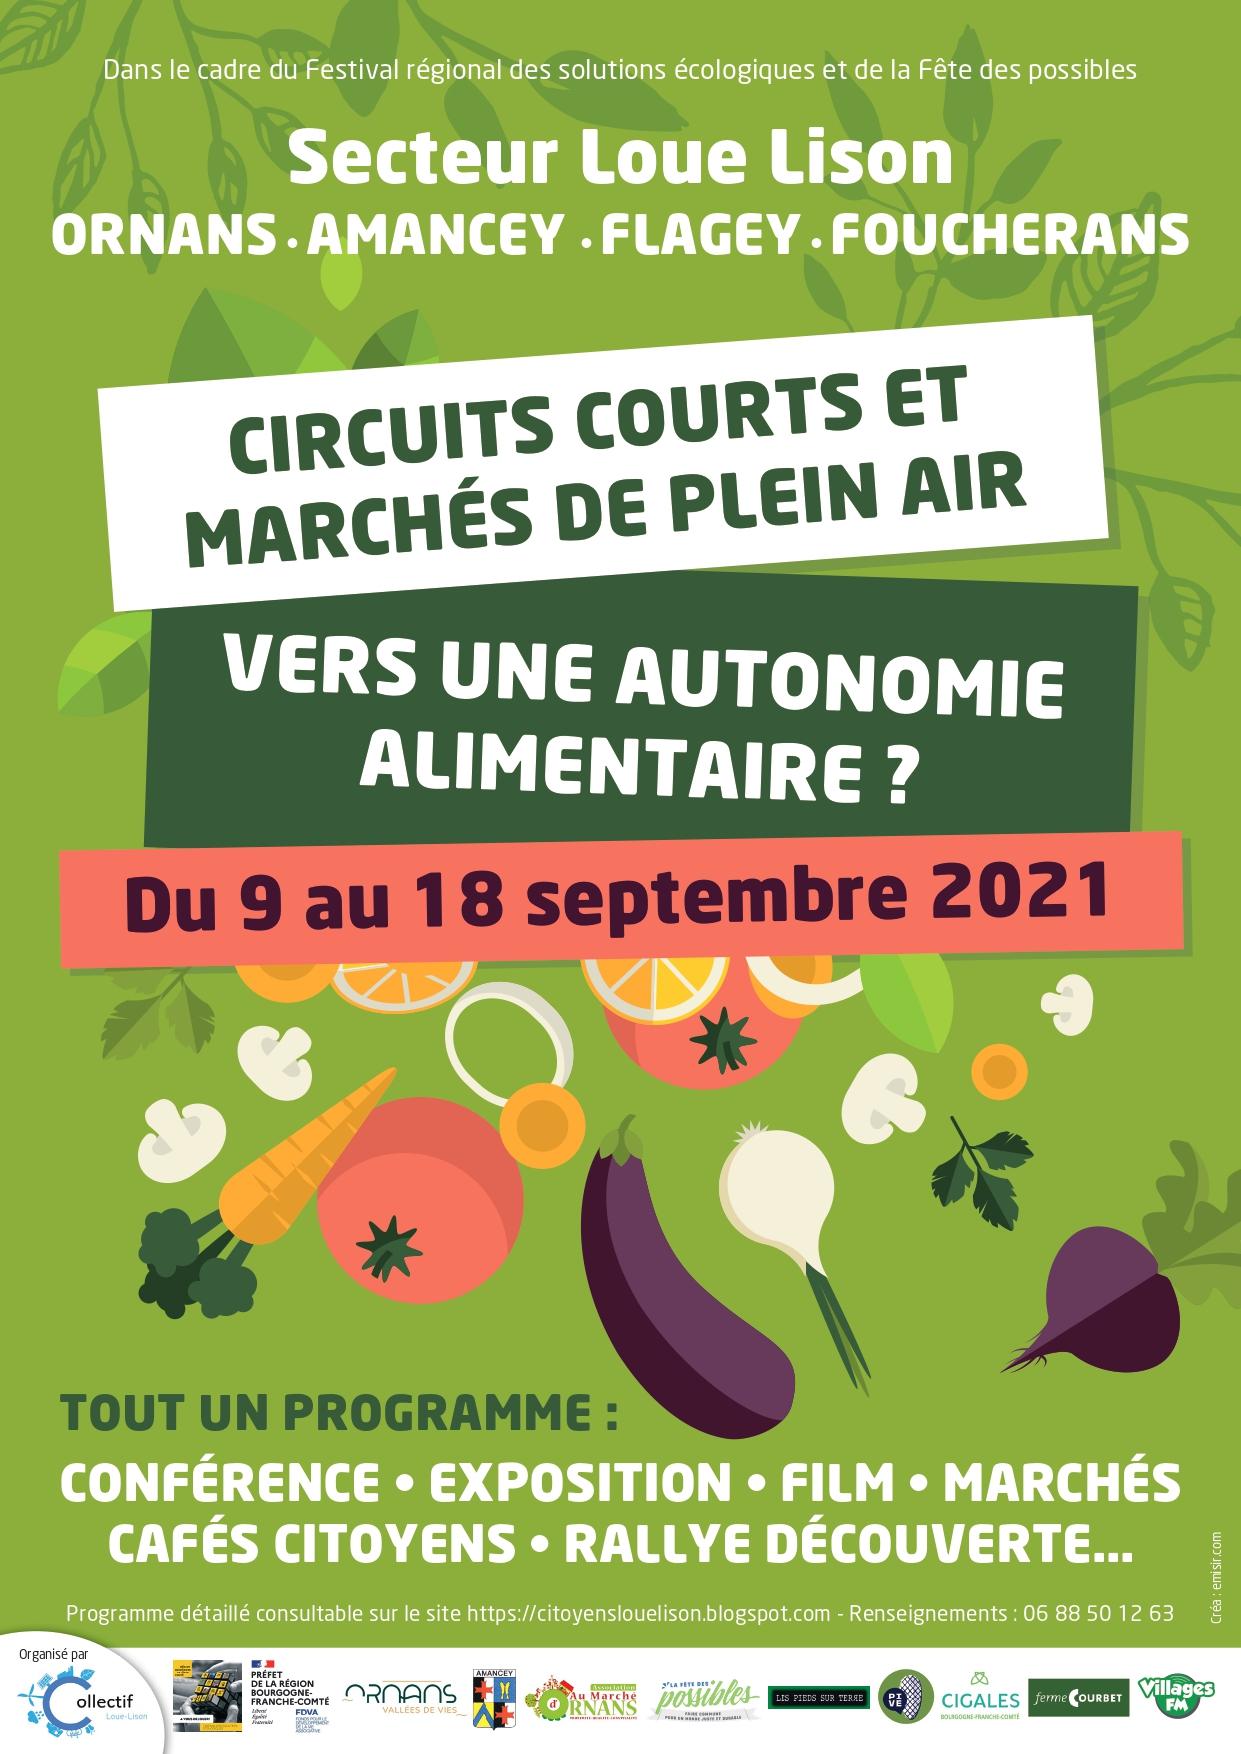 Circuits courts, marchés de plein air , vers une autonomie alimentaire